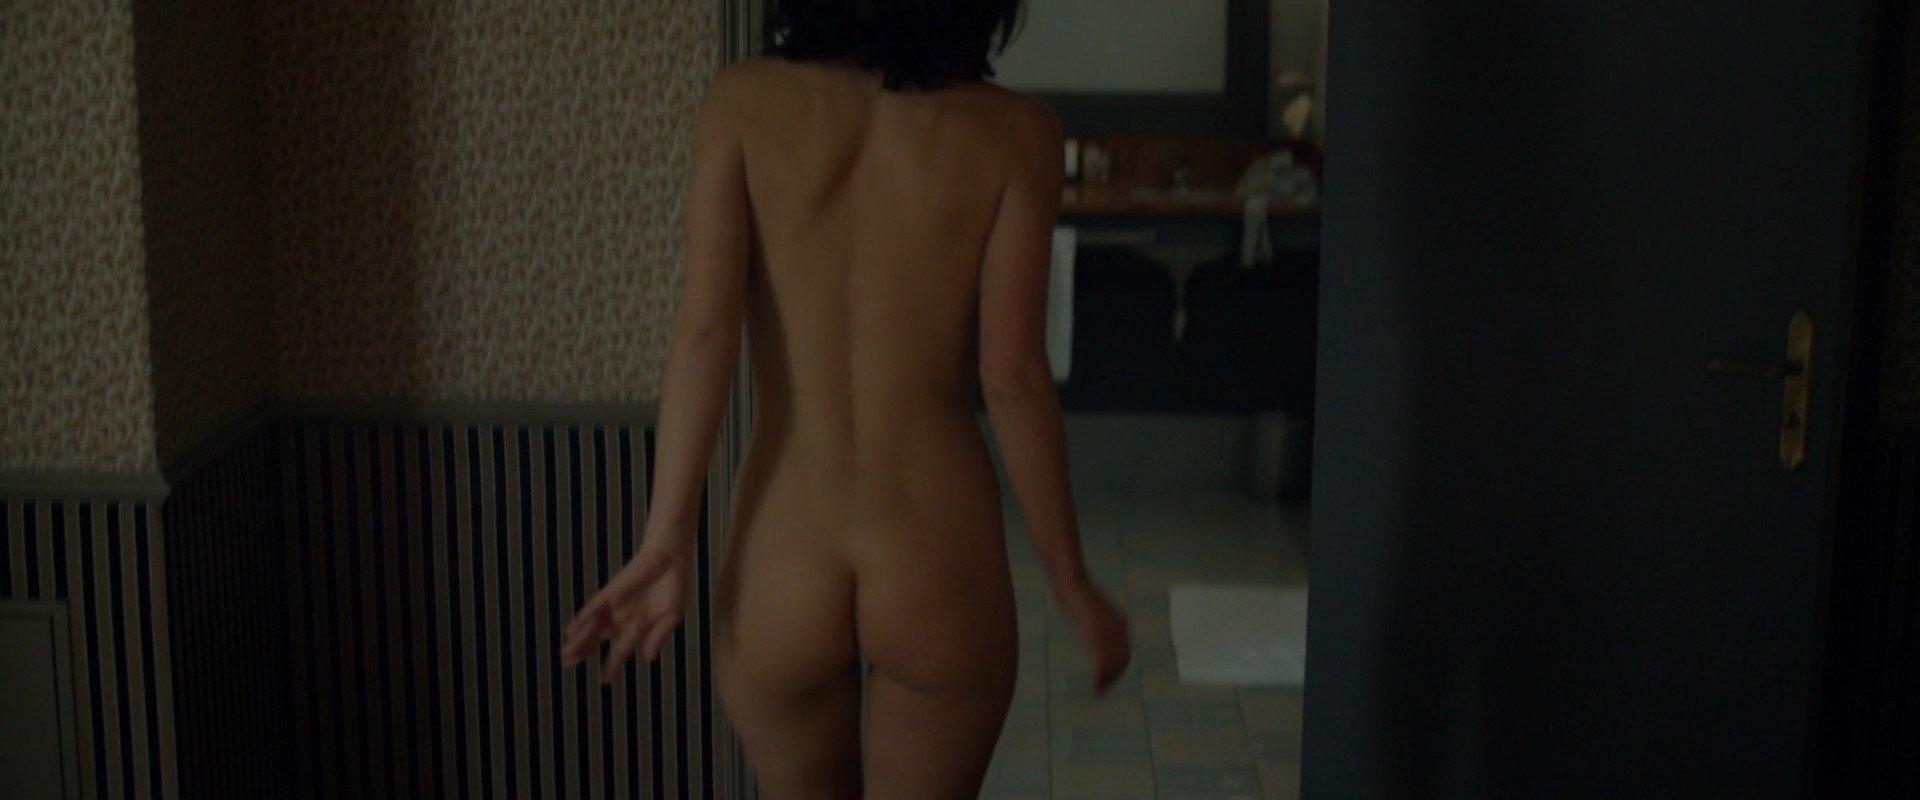 naked adele porno photos